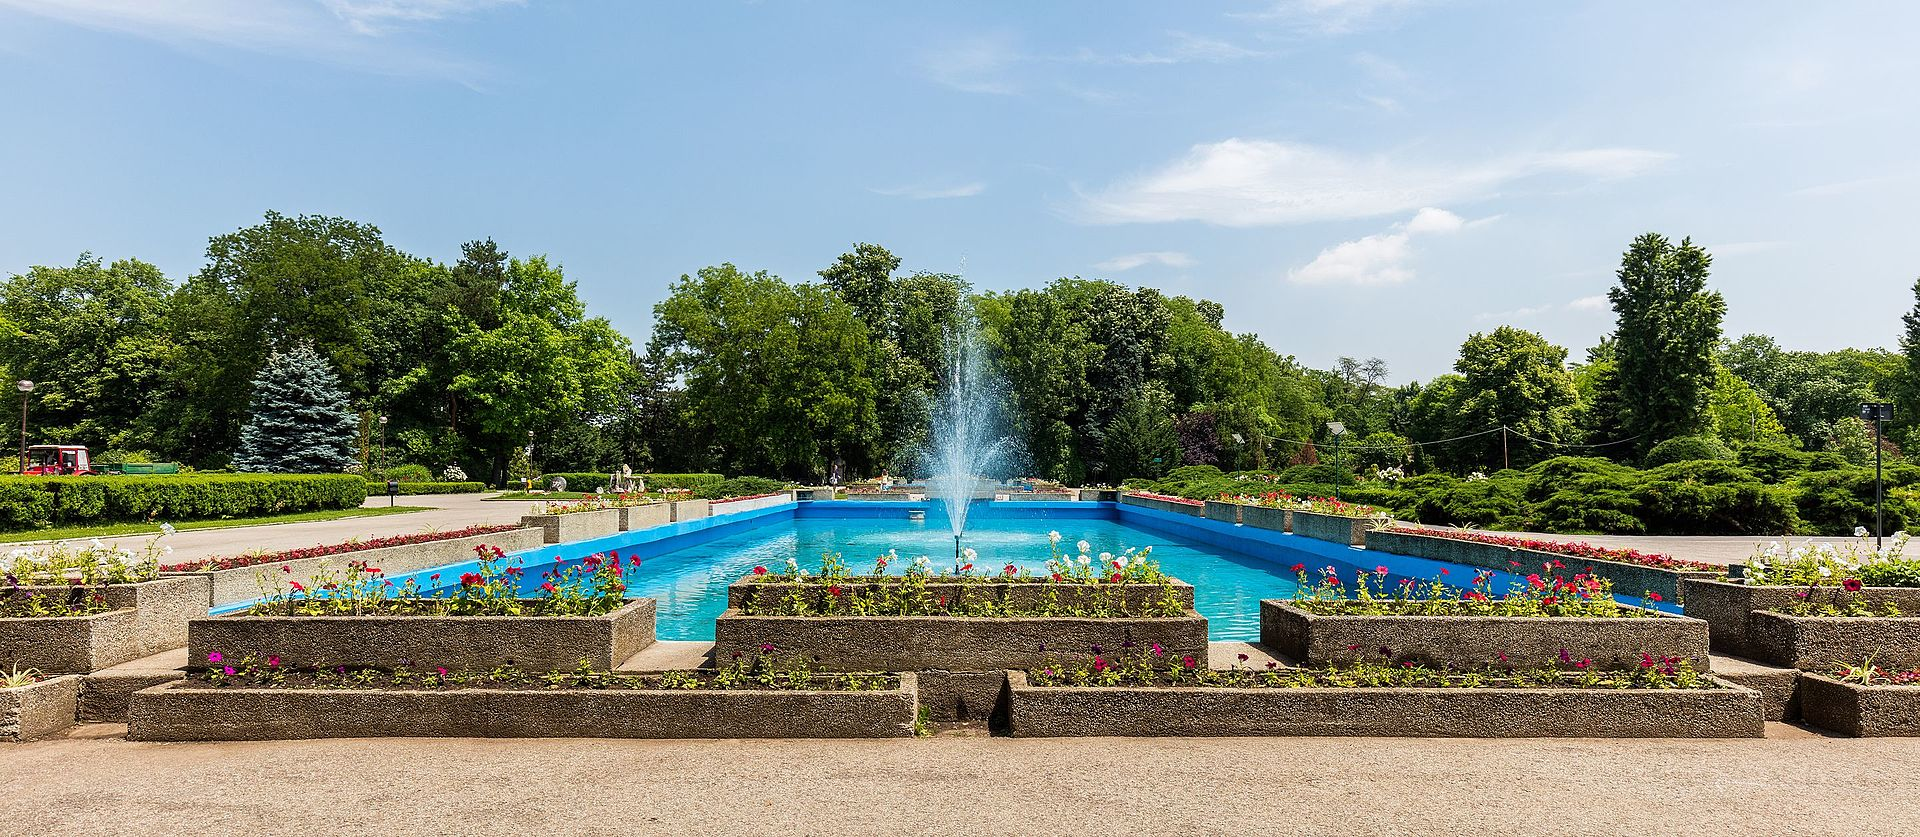 پارک هراسترا بخارست